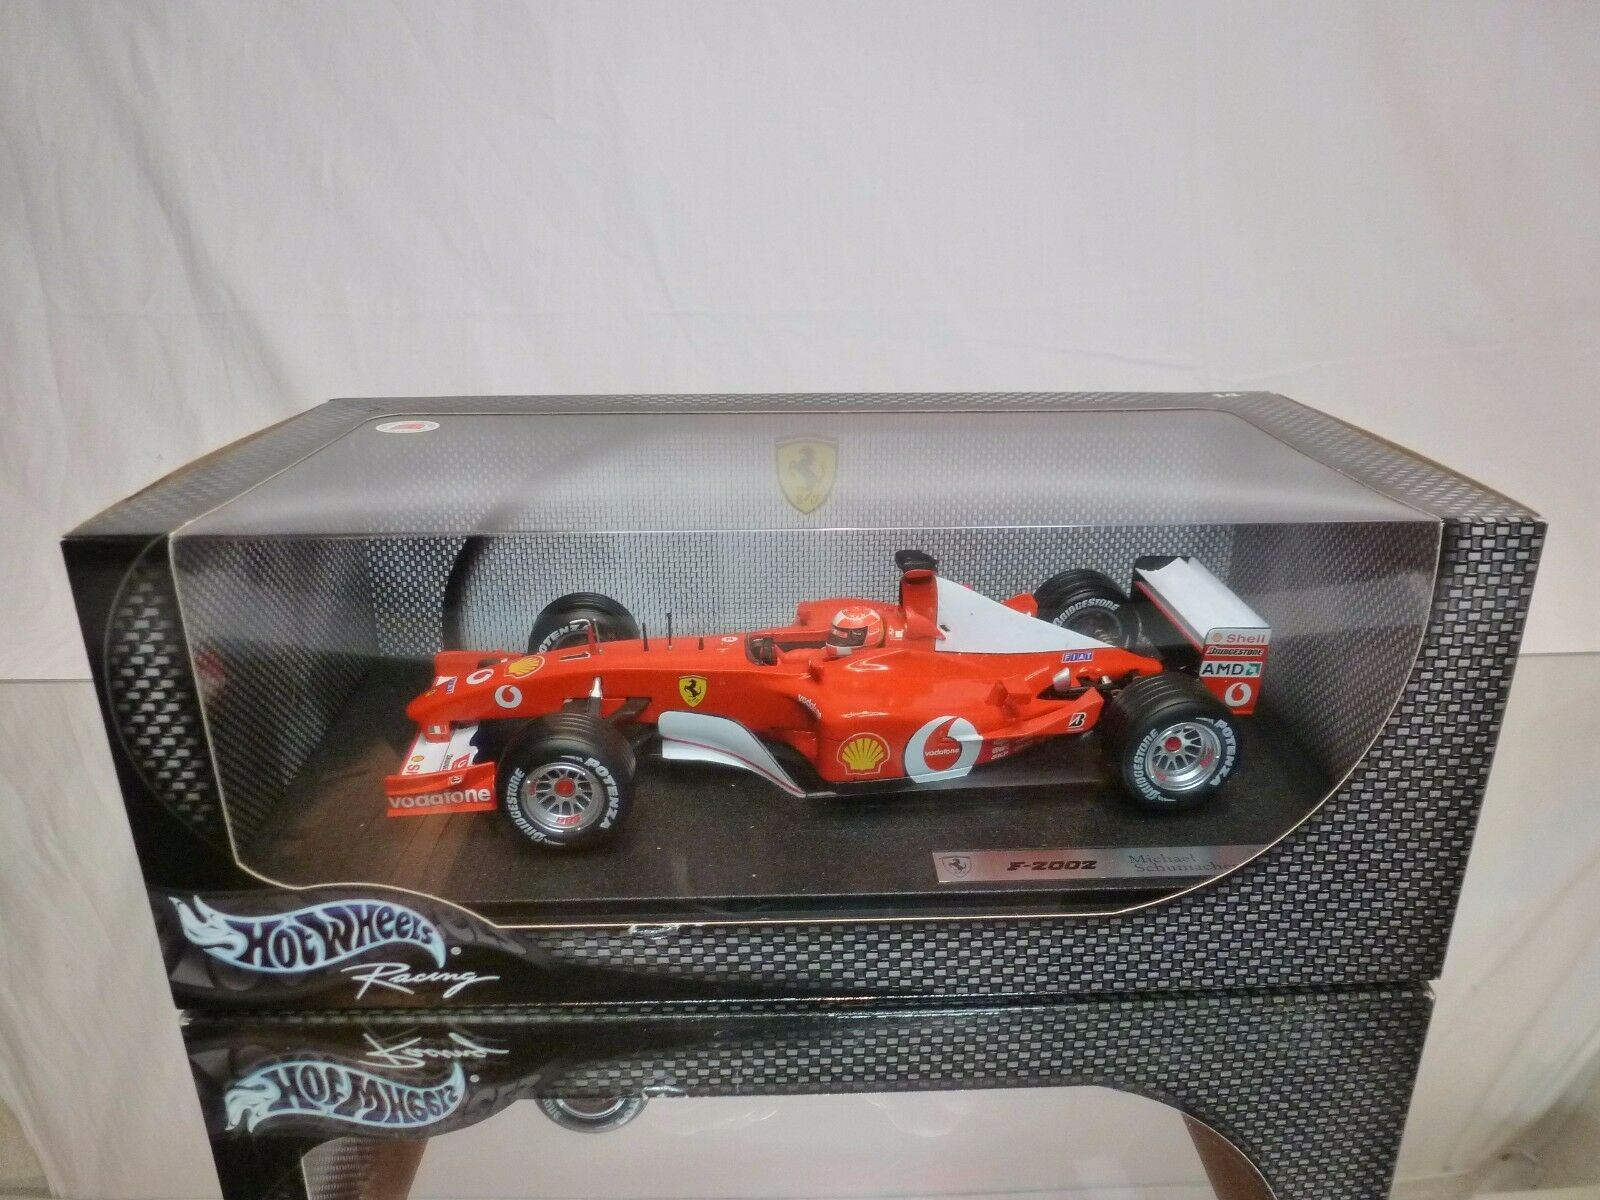 HOT WHEELS 54626 FERRARI F-2002 - SCHUMACHER F1 rojo 1 18 RARE - EXCELLENT IN BOX